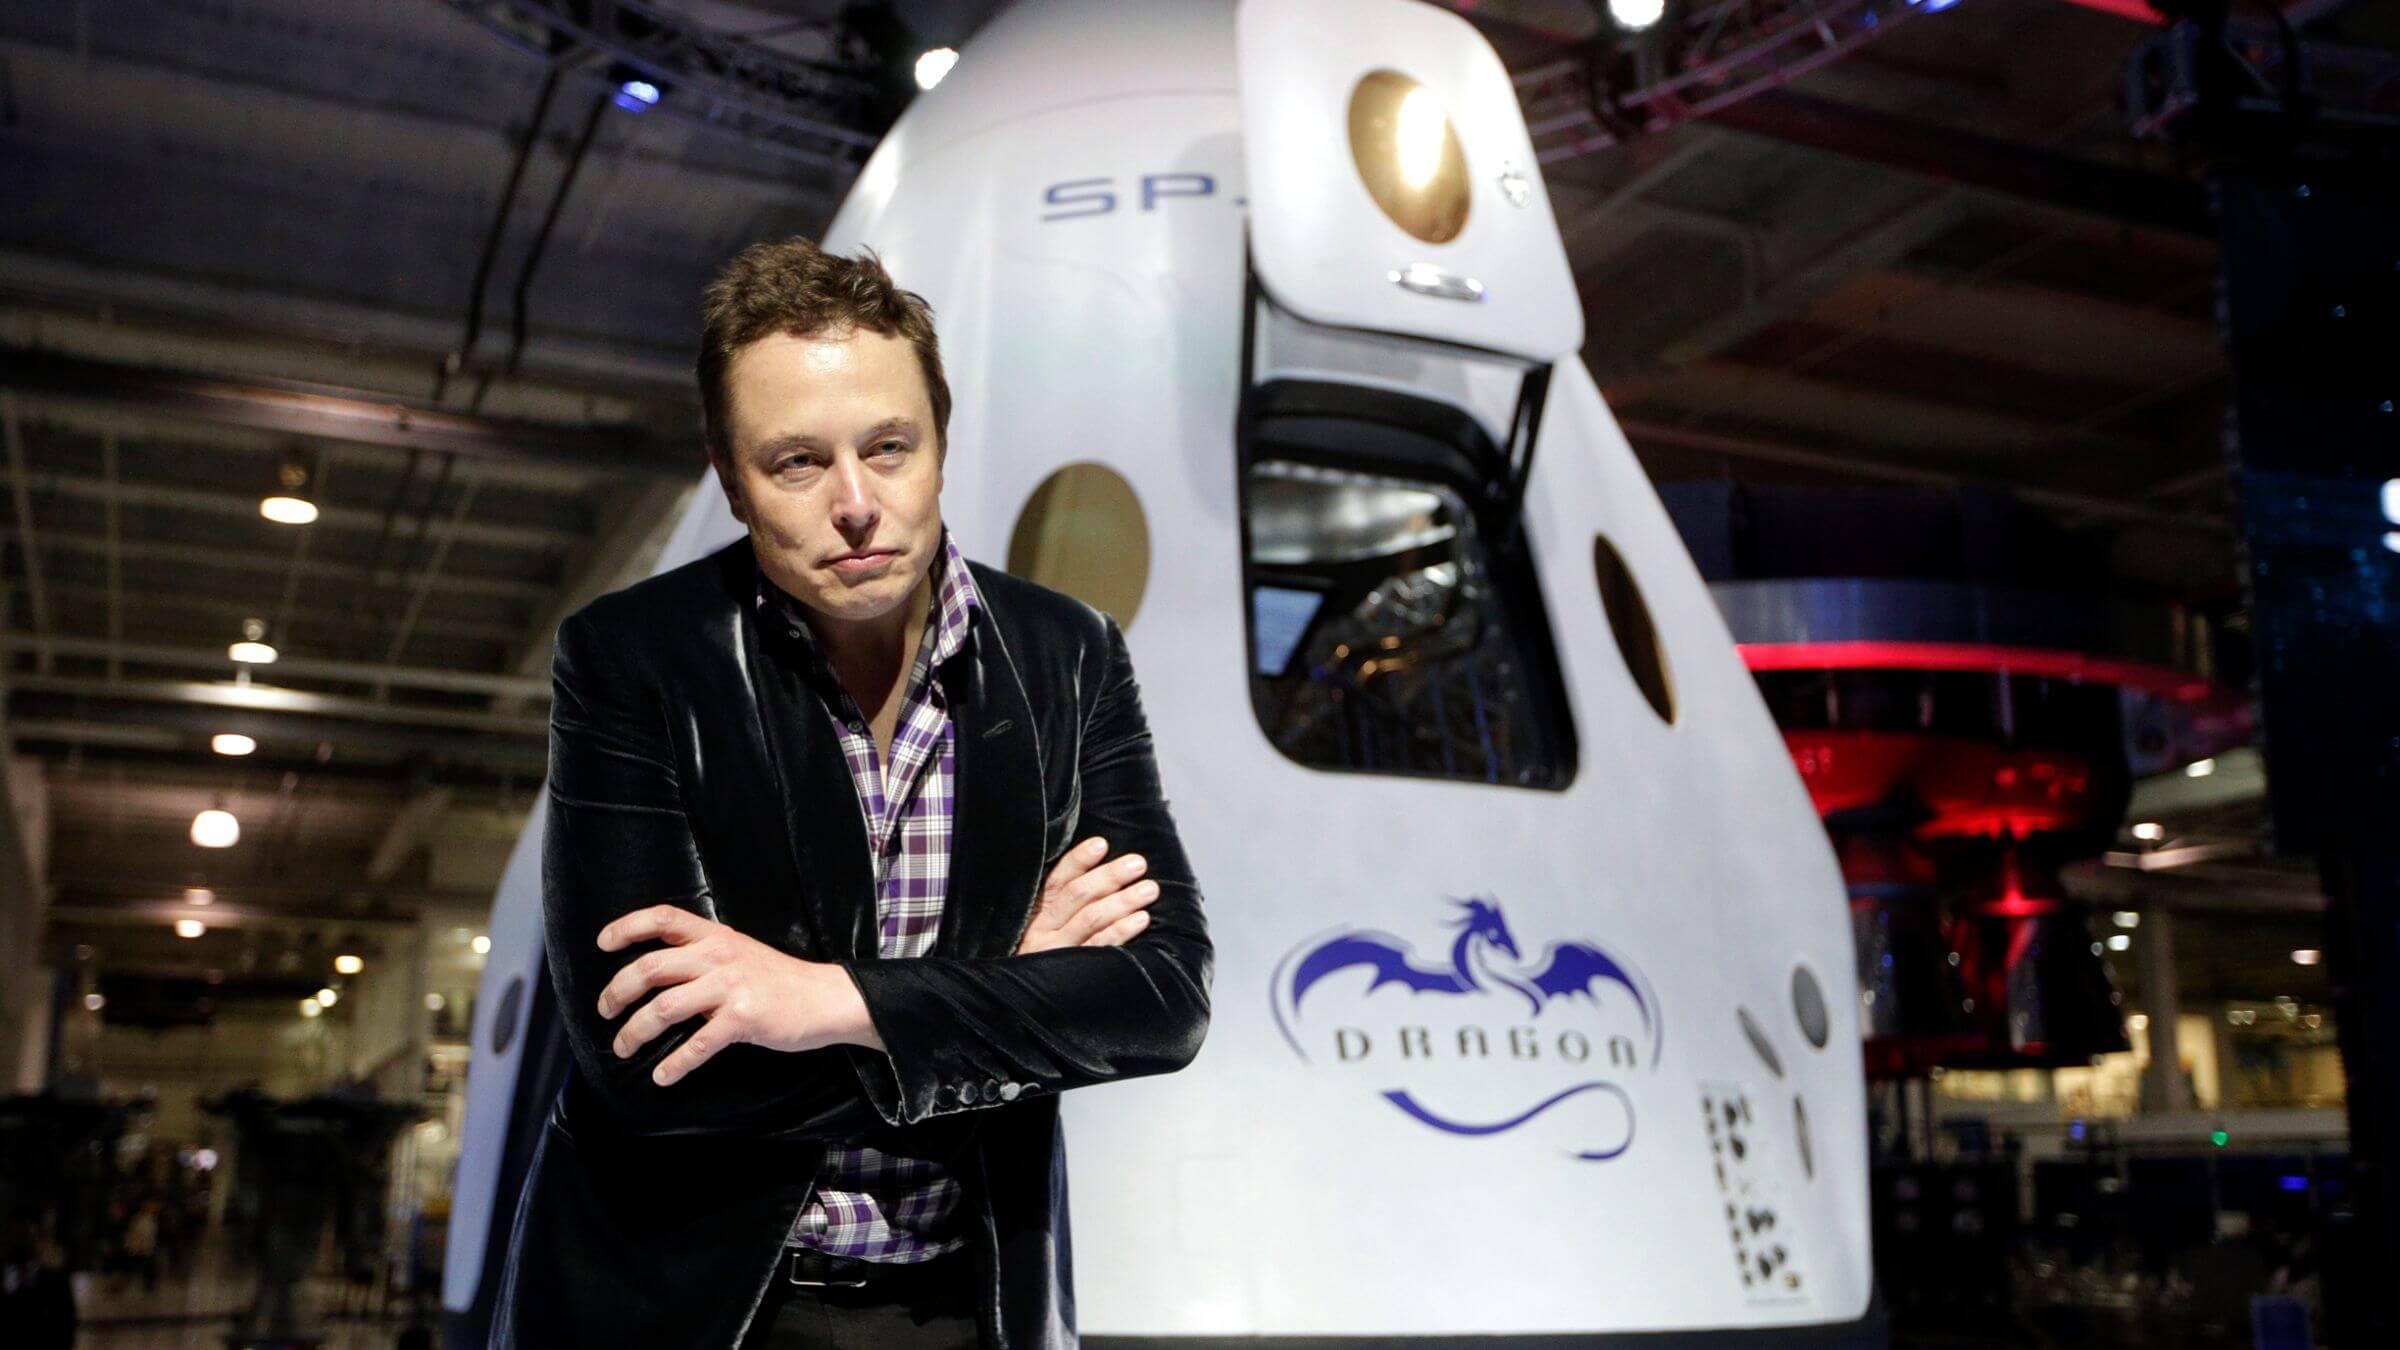 """10 bí mật trong công thức thành công của """"tỷ phú ngông"""" Elon Musk - 2"""